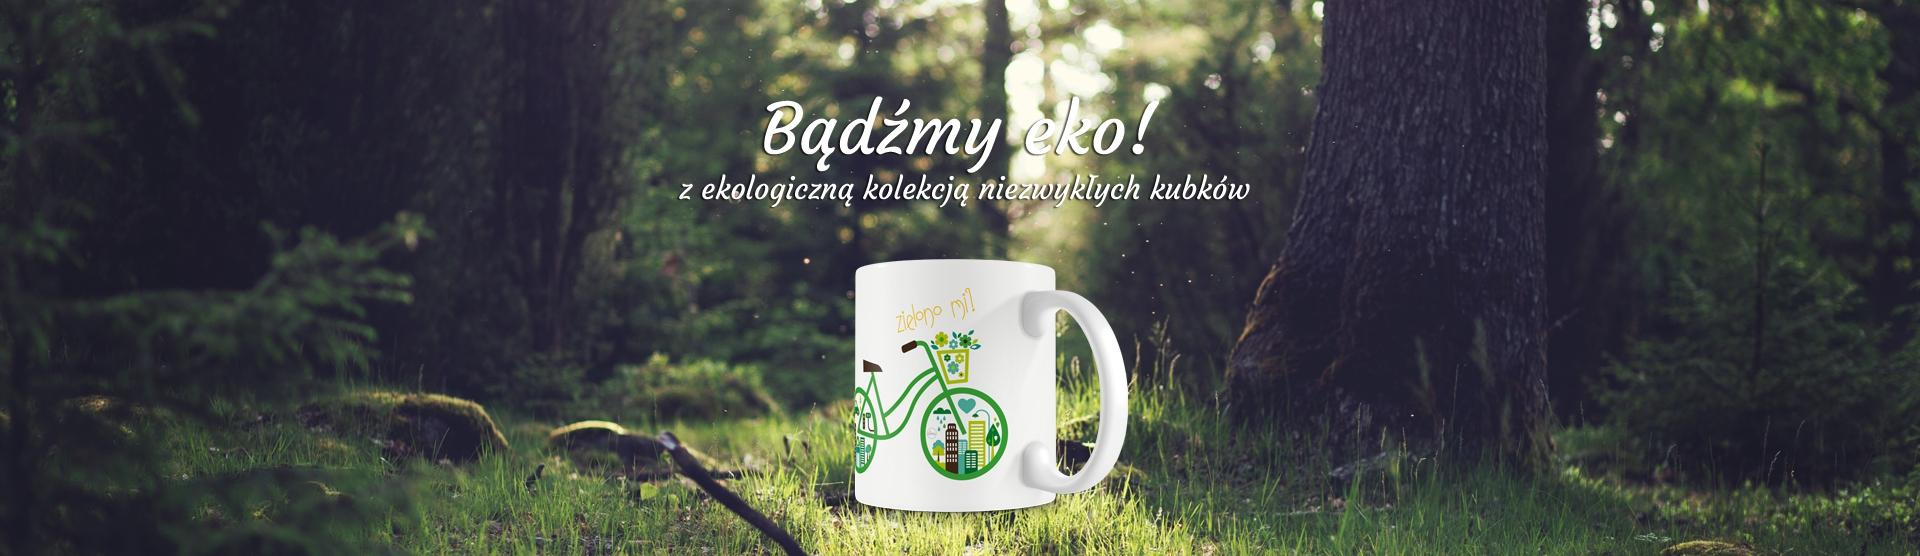 Bądźmy eko